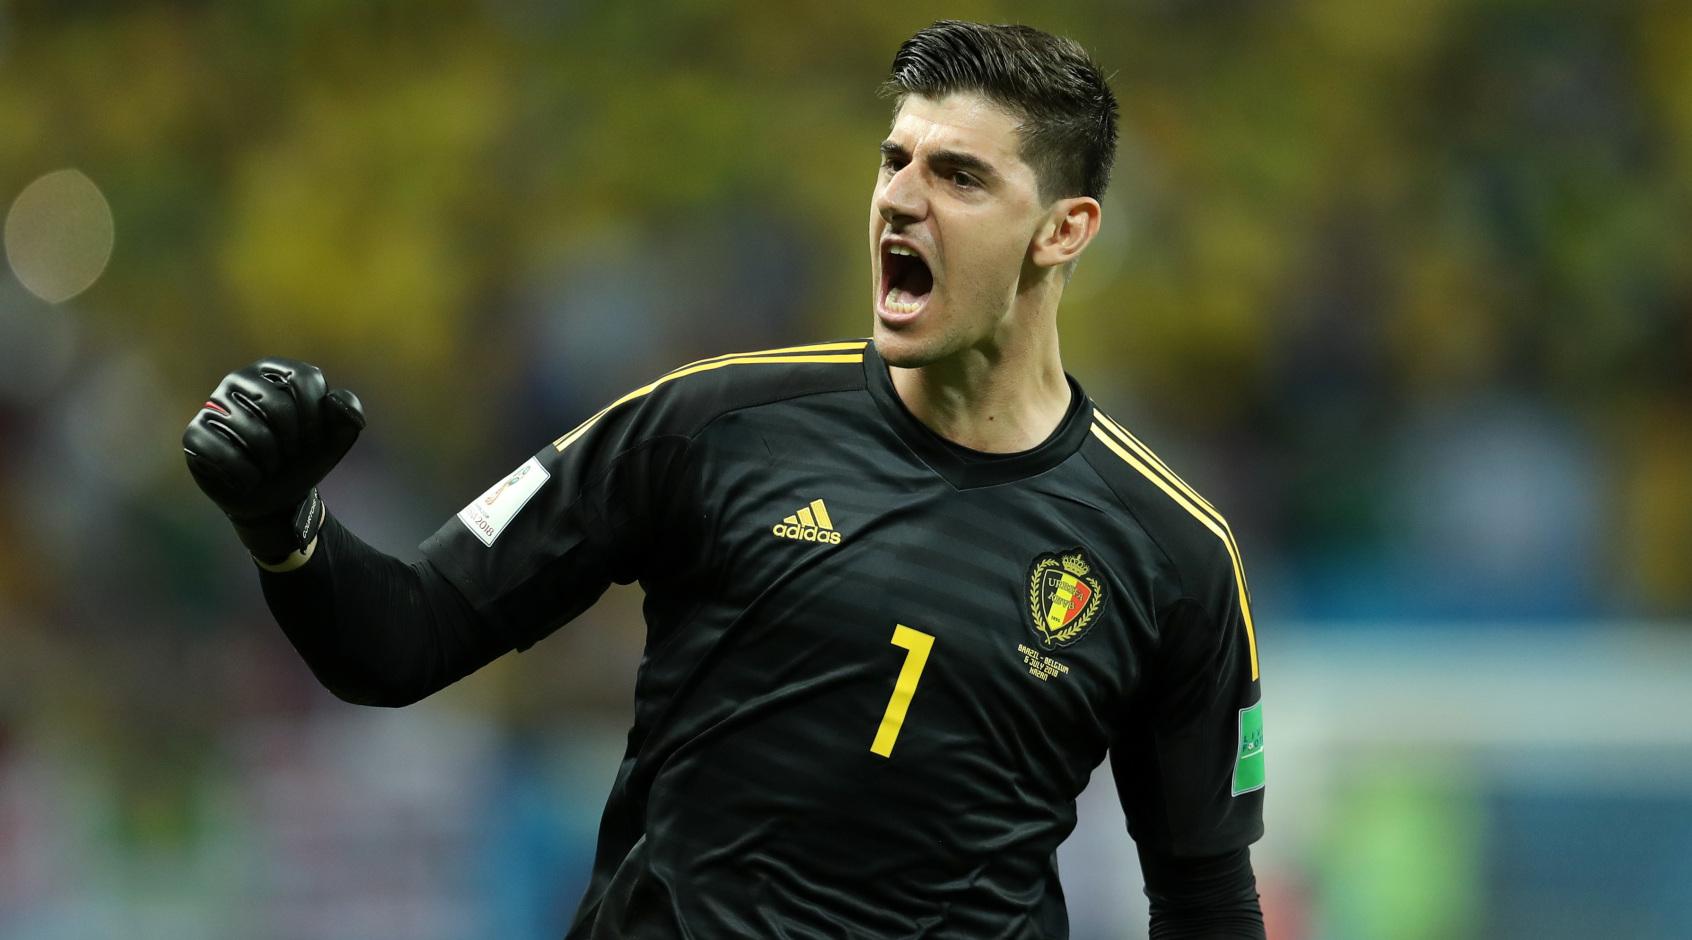 Шанс для Лунина: Куртуа покинул расположение сборной Бельгии из-за травмы